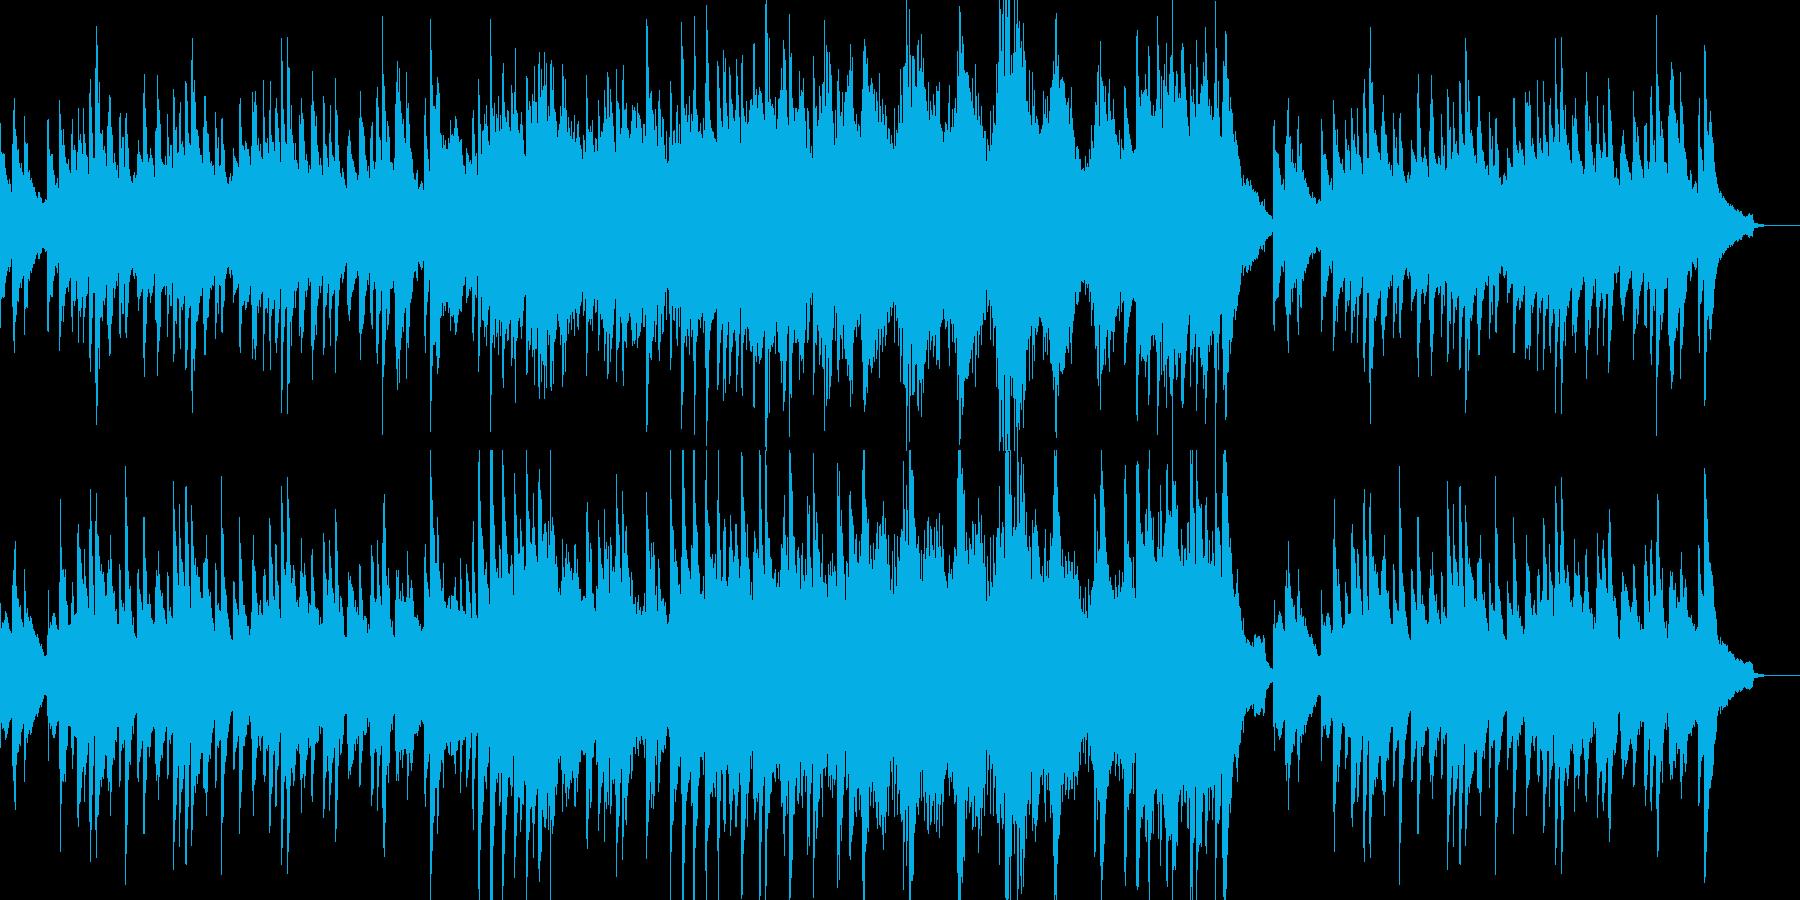 温かいゆったりとした雰囲気のピアノソロの再生済みの波形